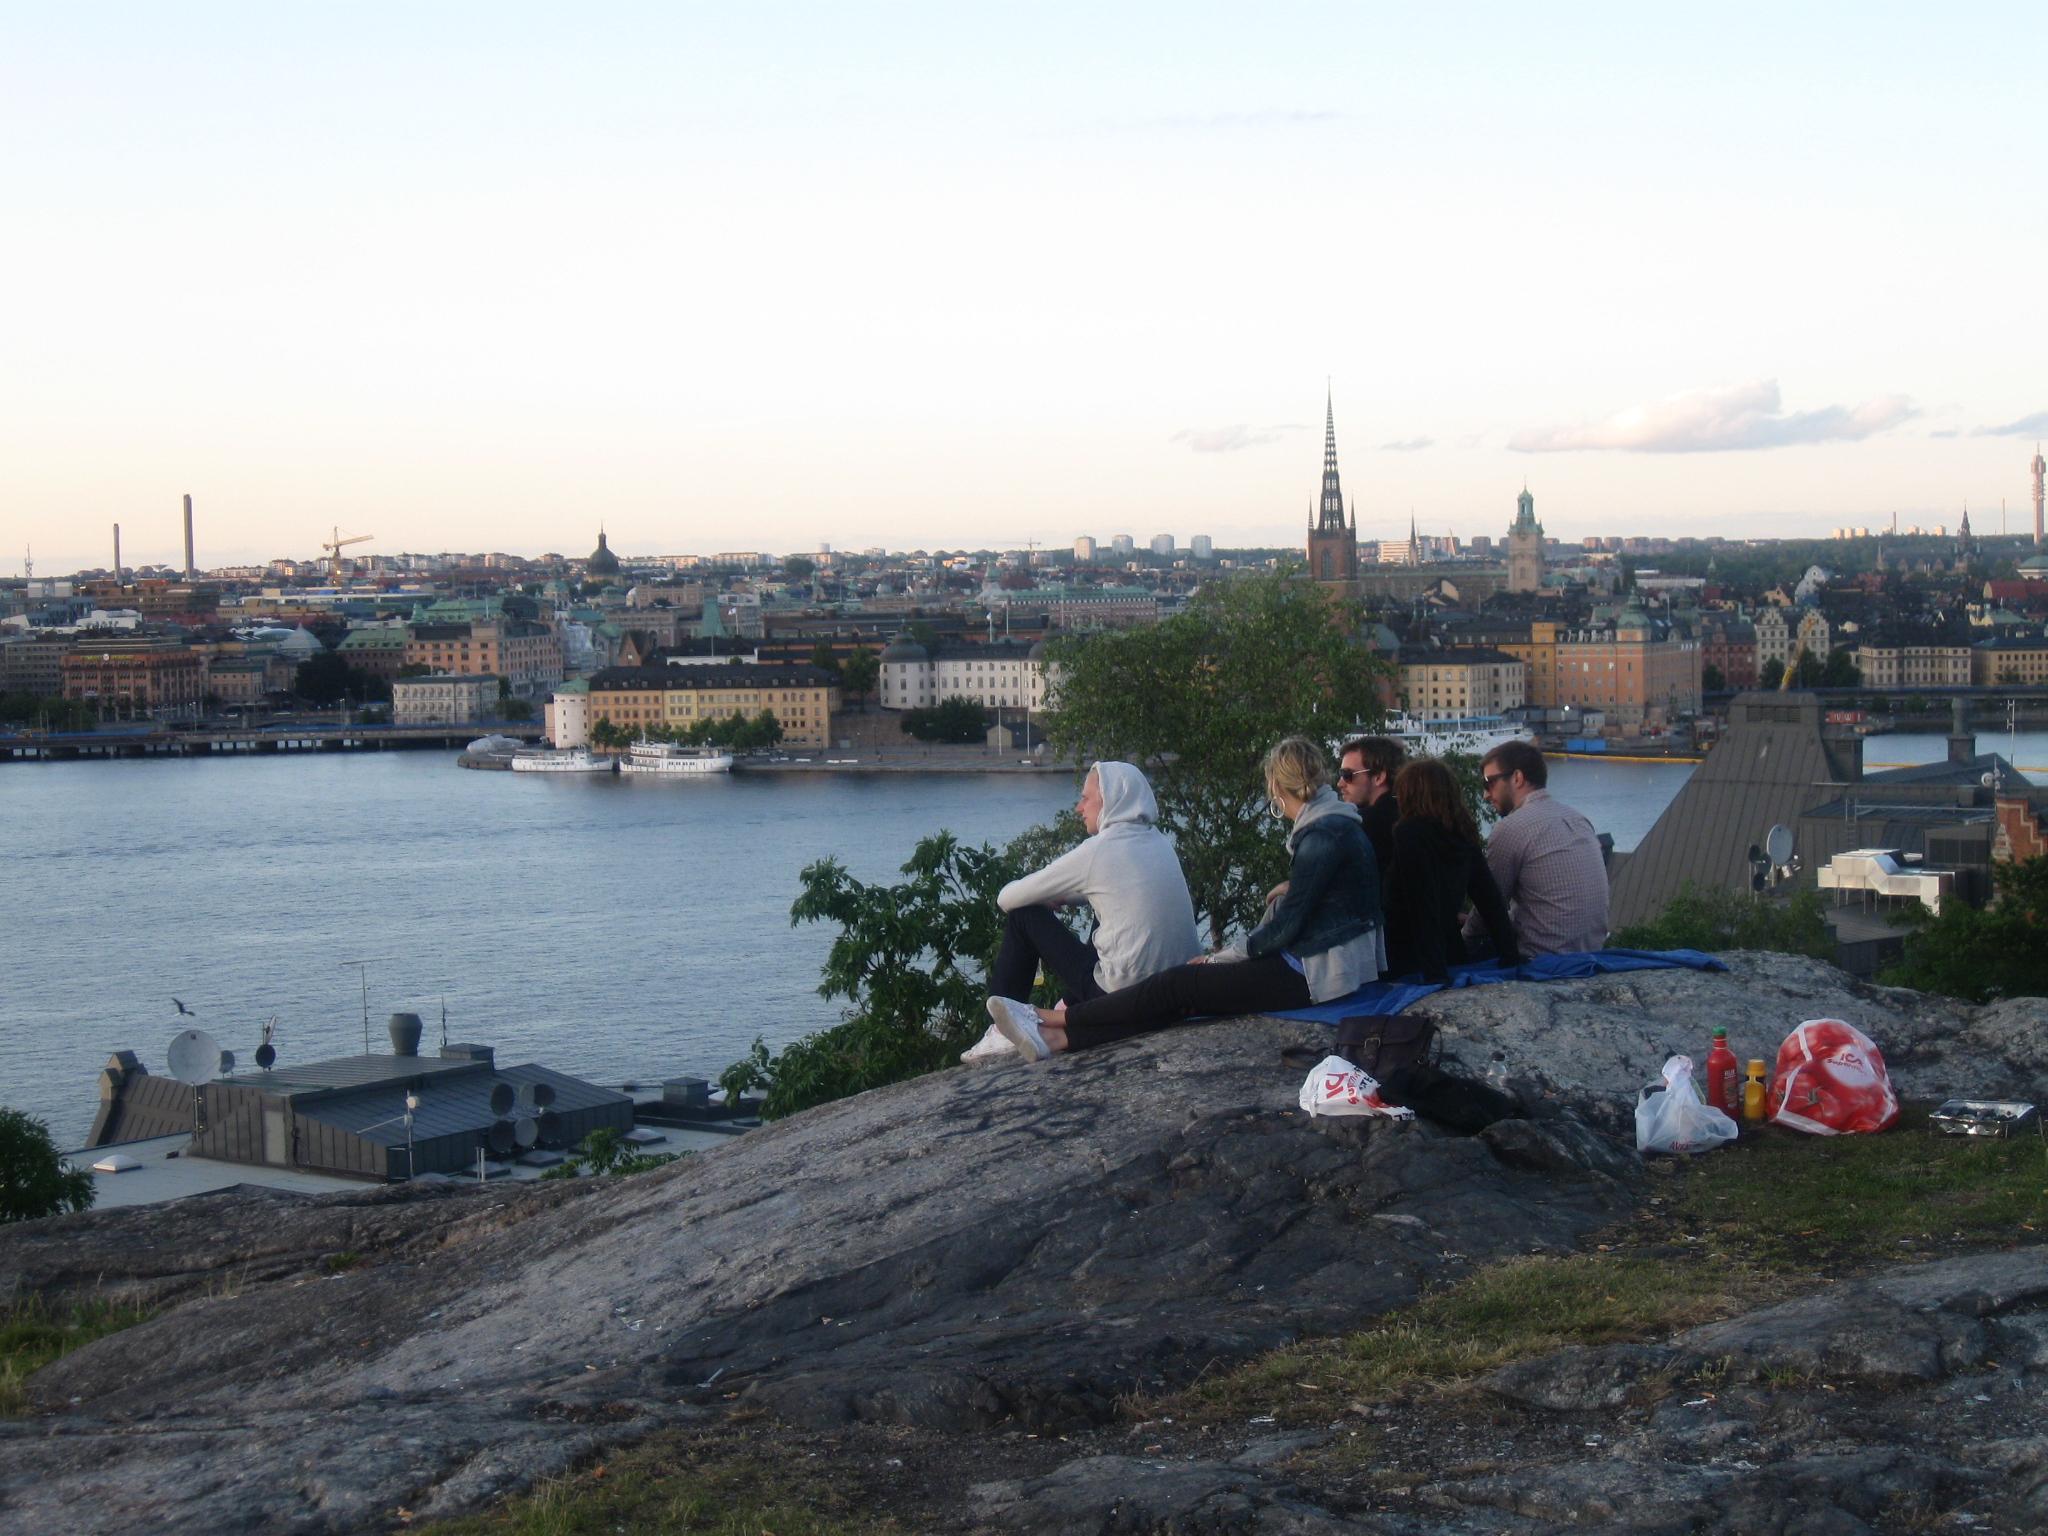 szwedzkie tradycje randkowe ihk Azubi Speed Dating